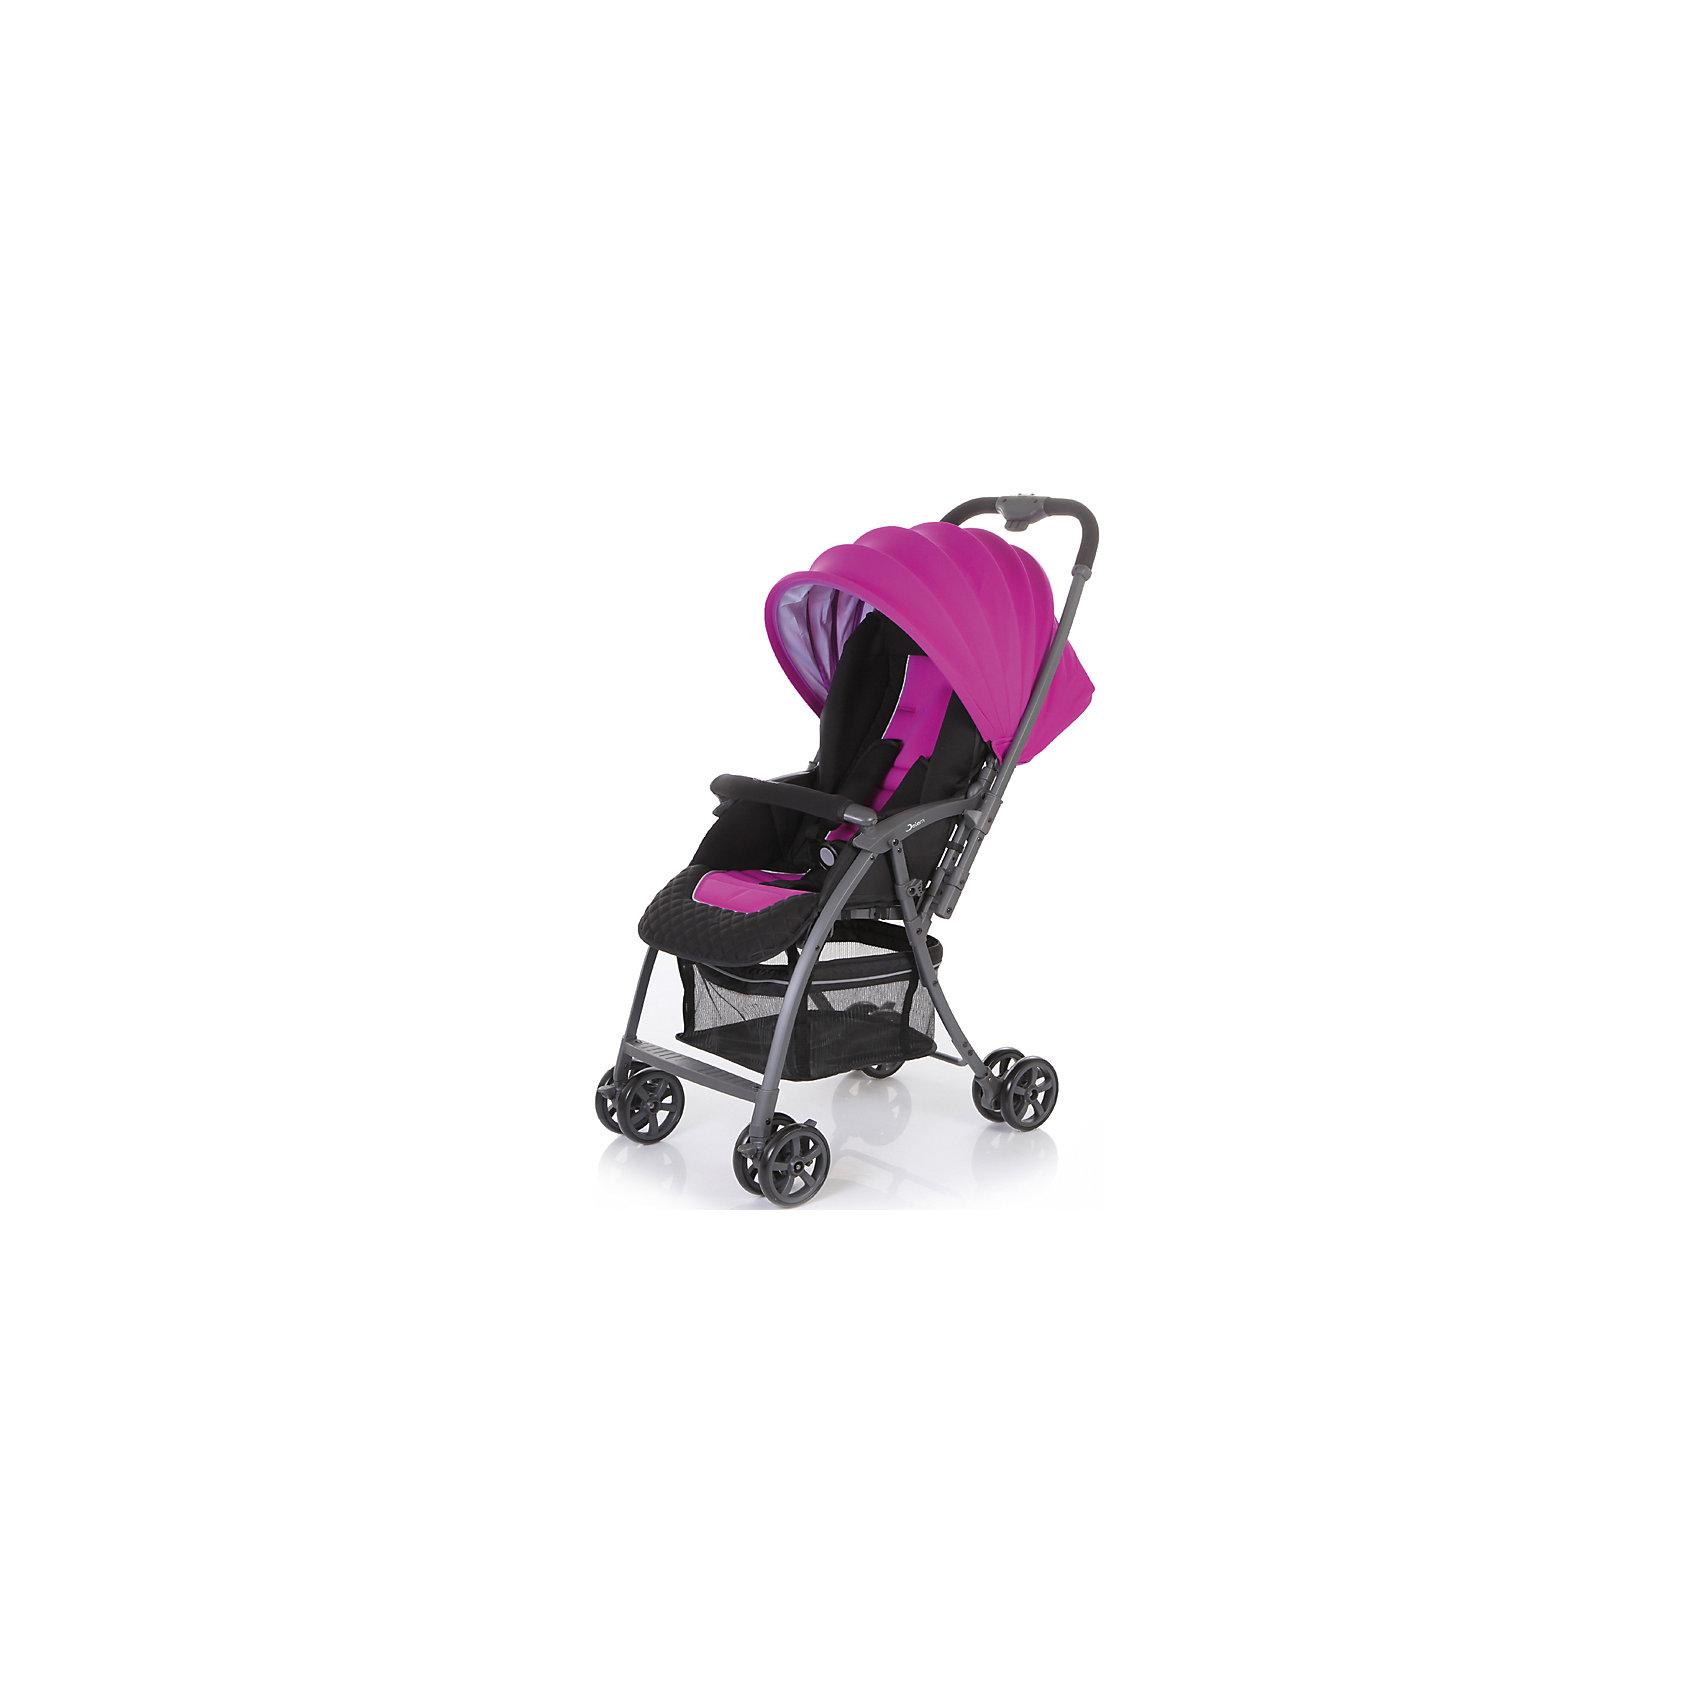 Jetem Прогулочная коляска Uno, Jetem, фиолетовый jetem прогулочная коляска uno jetem розовый